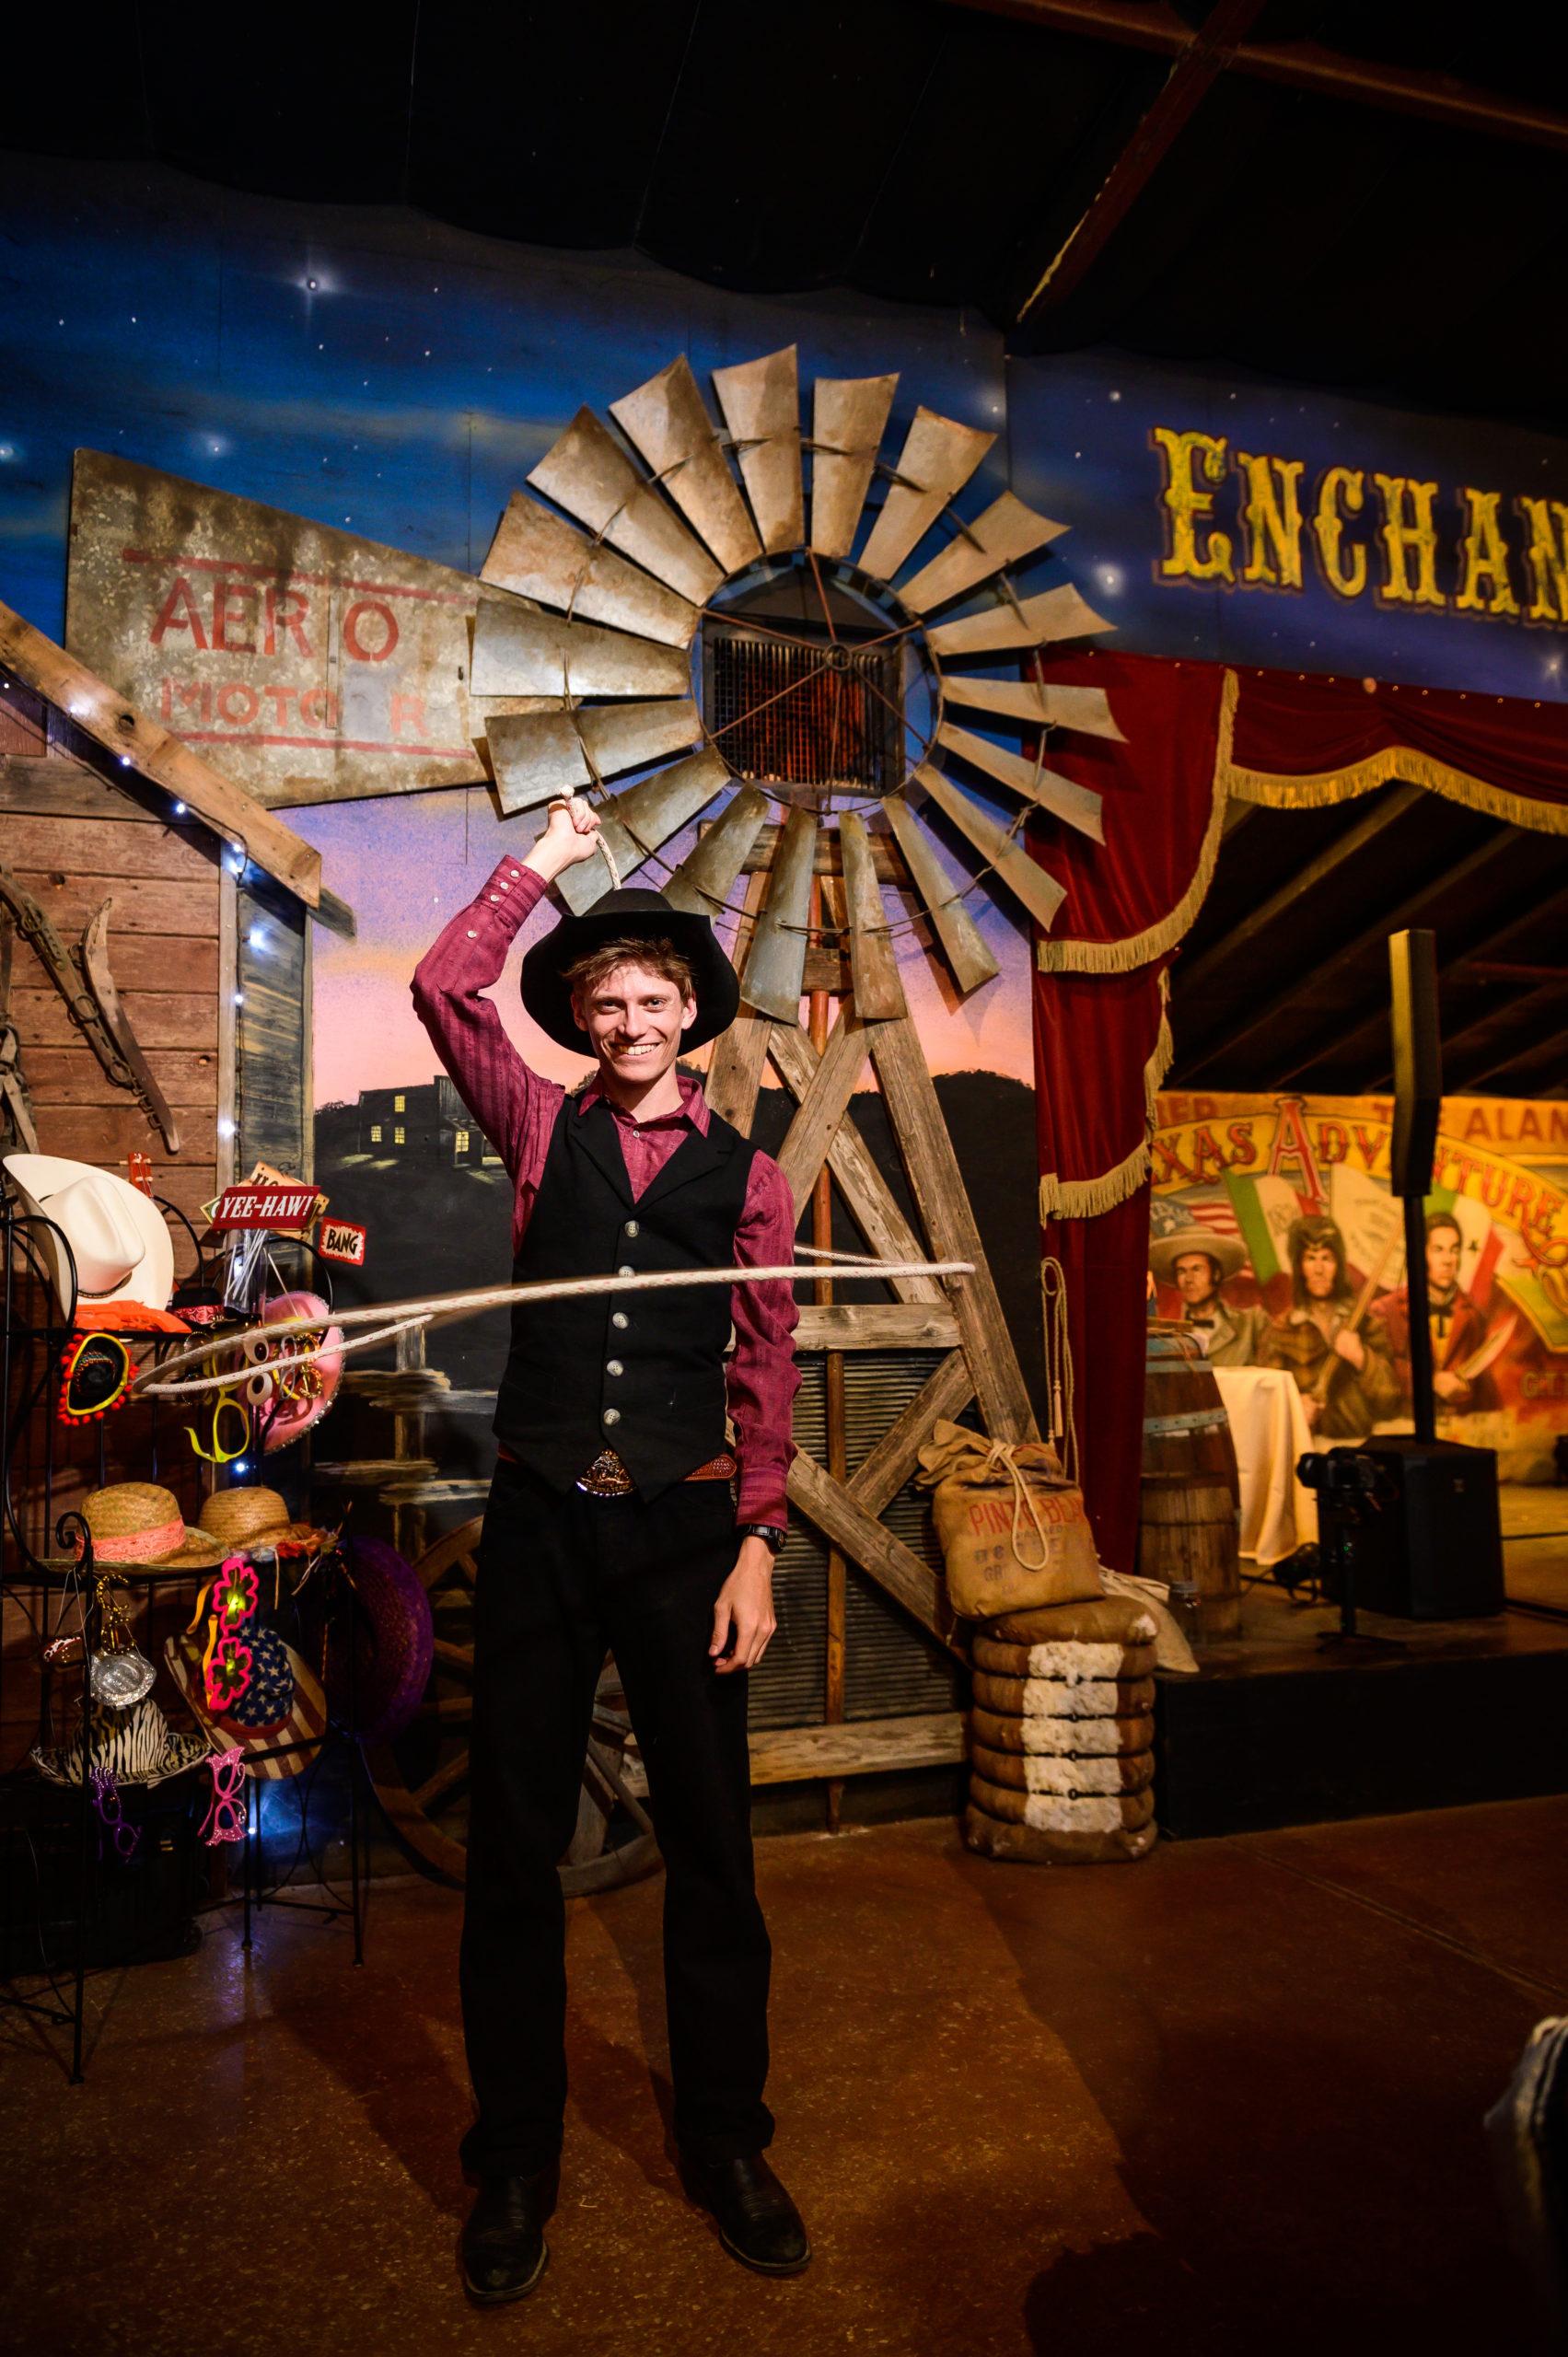 Trick Roper performing at Enchanted Springs Ranch